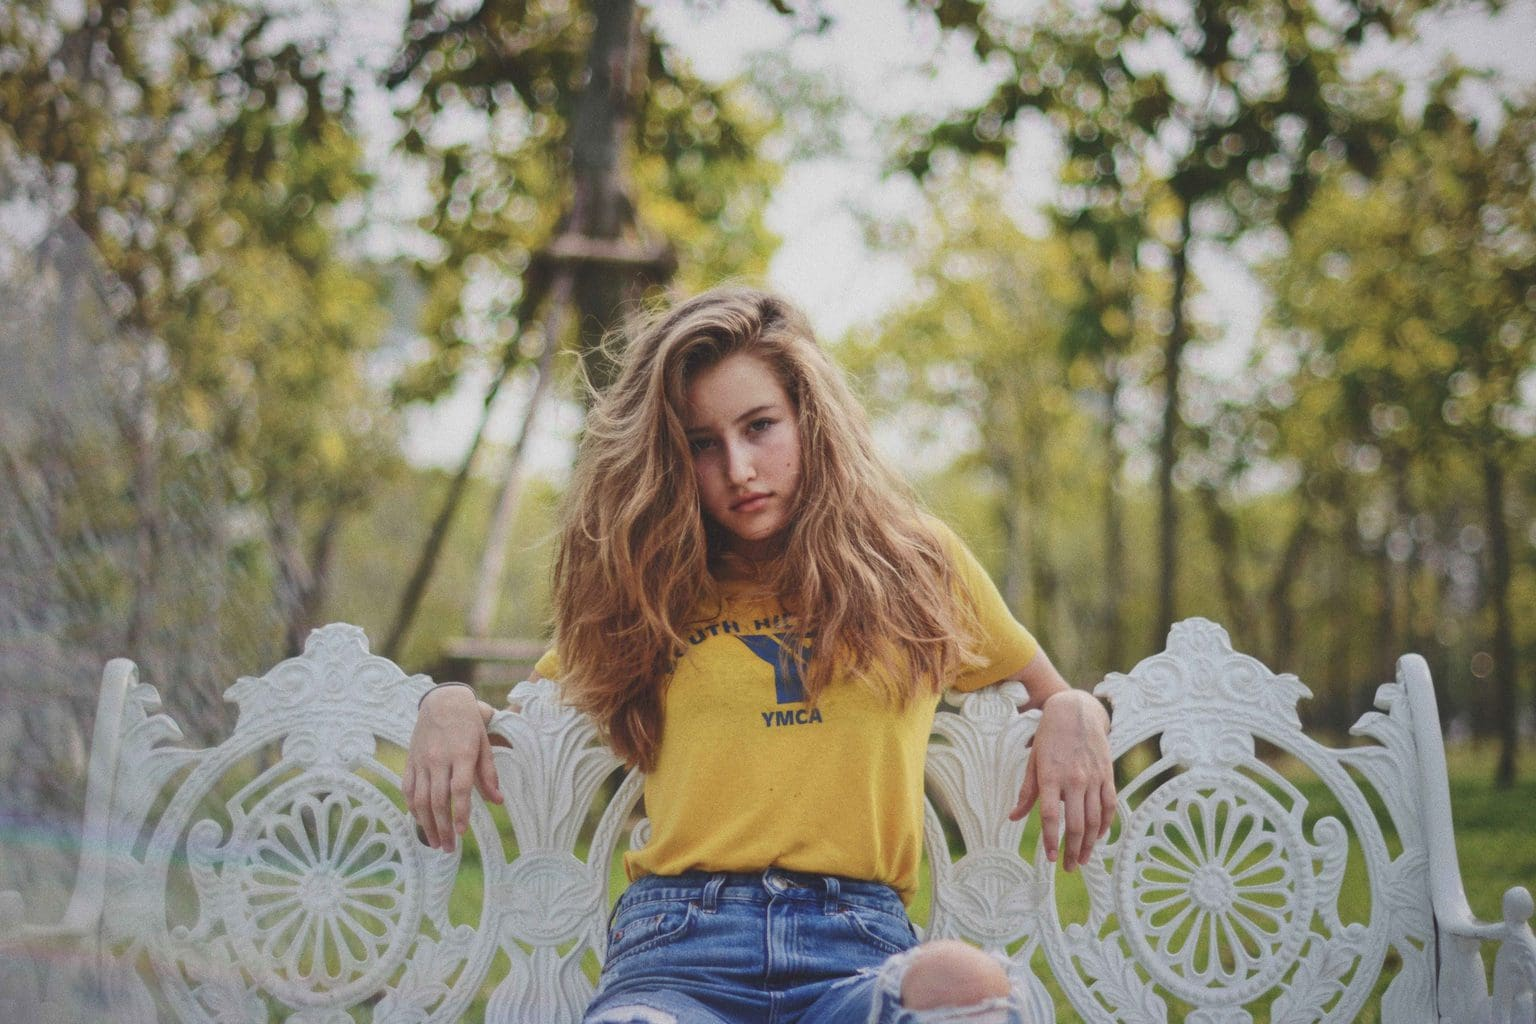 Retrato de chica joven tomado con un objetivo estándar